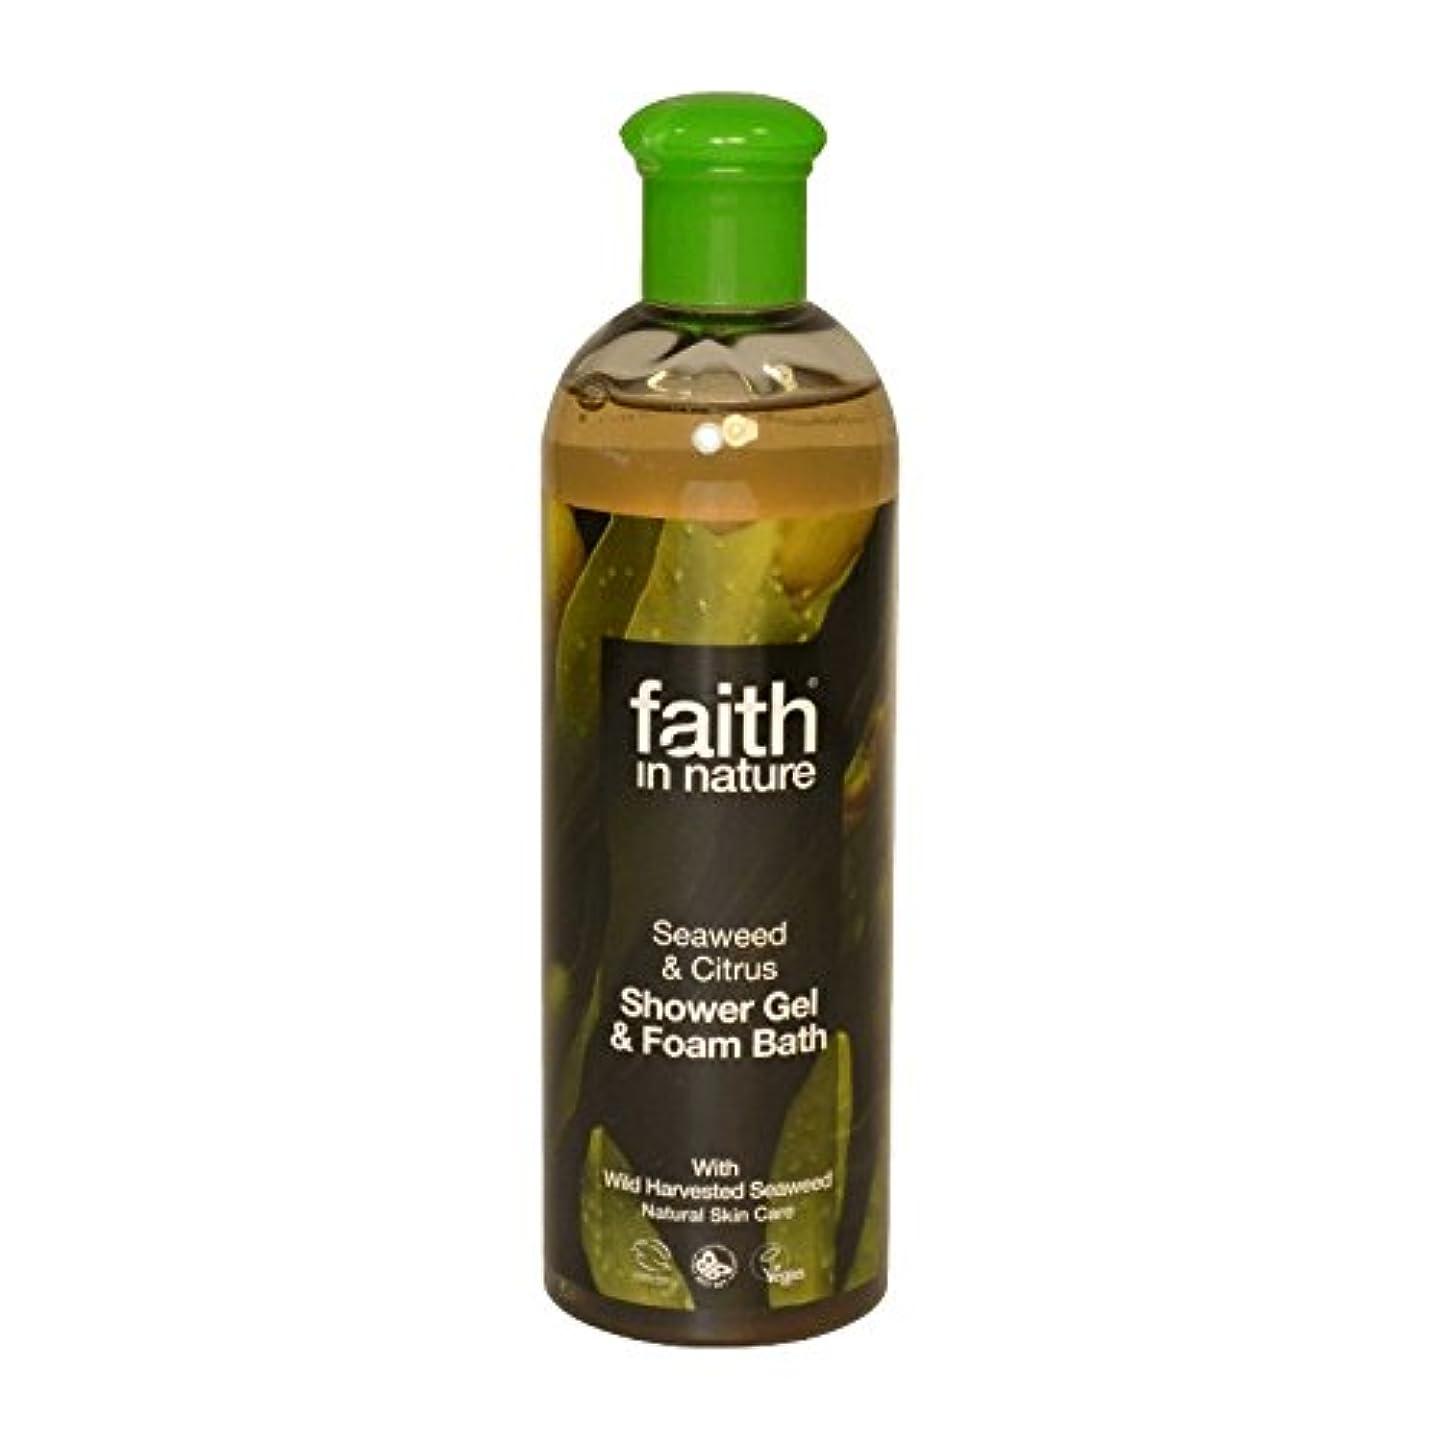 平手打ち能力必須自然の海藻&シトラスシャワージェル&バス泡400ミリリットルの信仰 - Faith in Nature Seaweed & Citrus Shower Gel & Bath Foam 400ml (Faith in Nature...